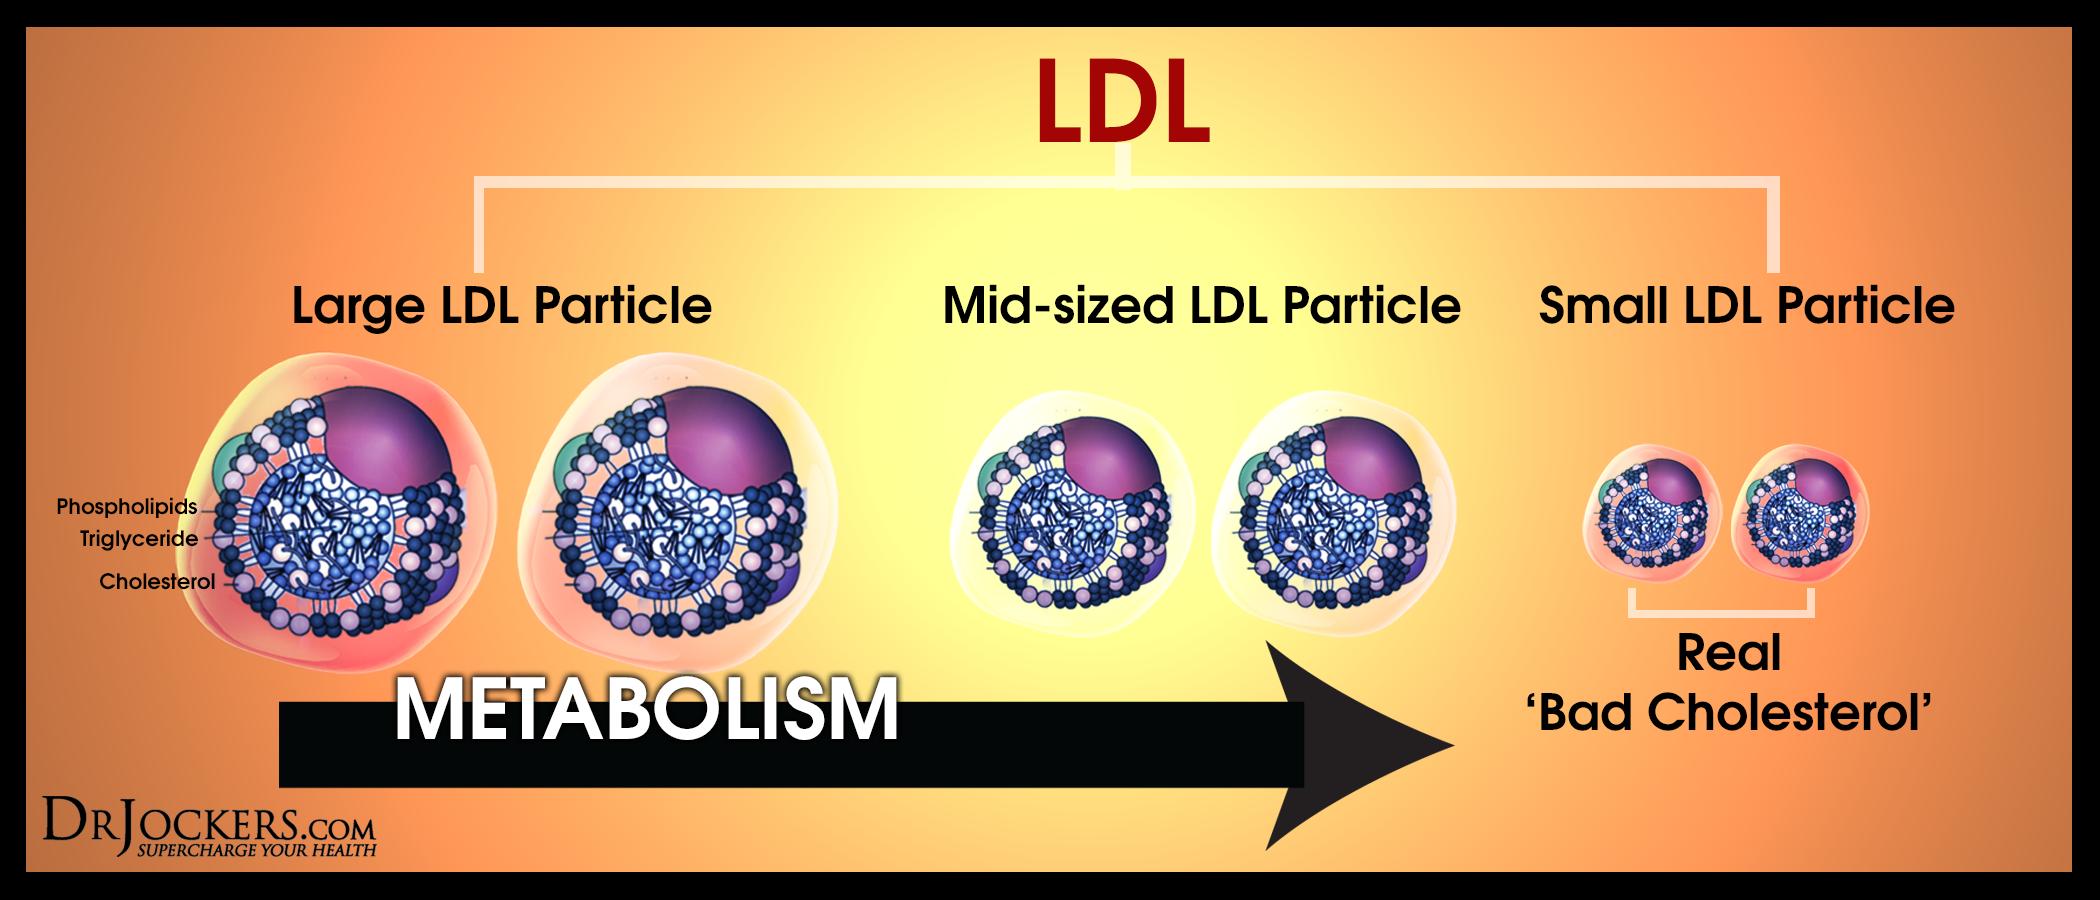 """Вред """"плохого"""" холестерина ЛПНП зависит от размера частиц"""